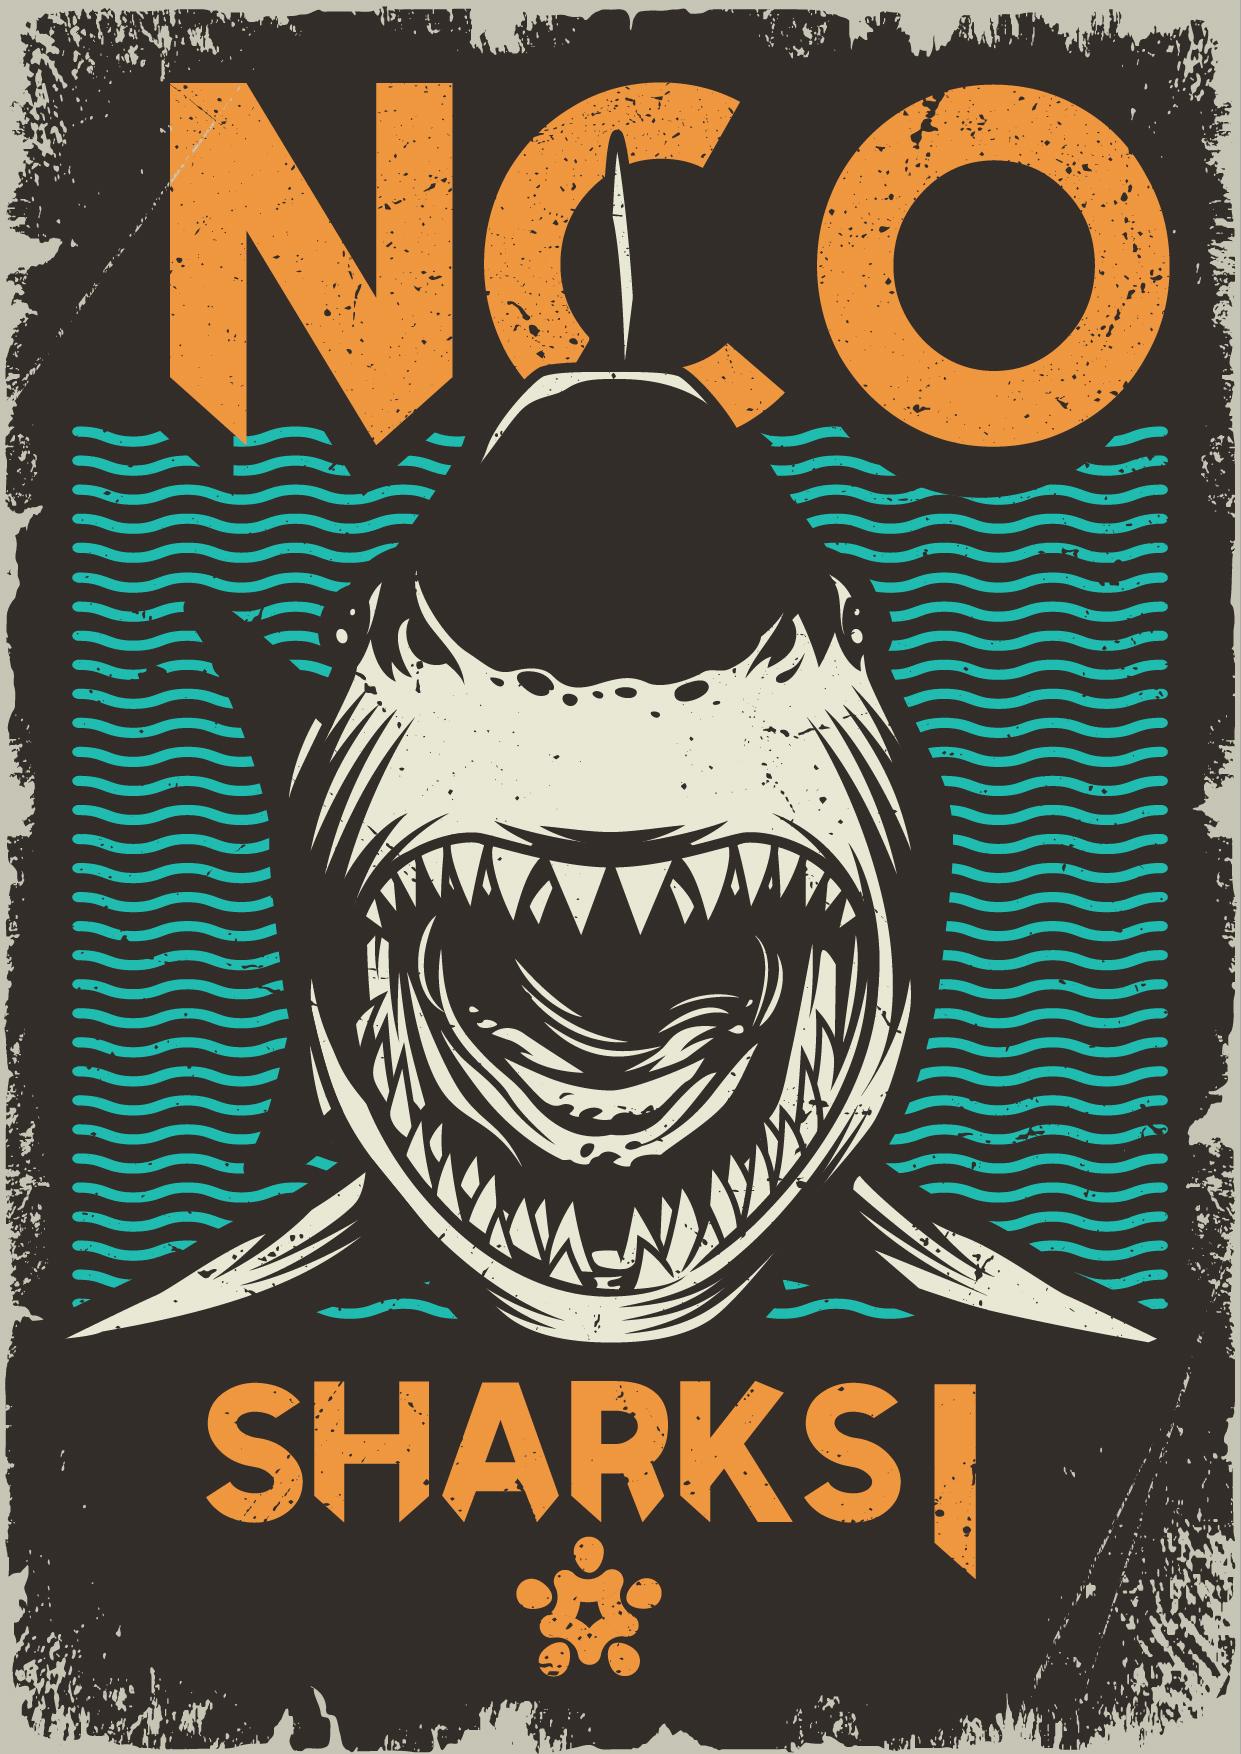 NCO Sharks I